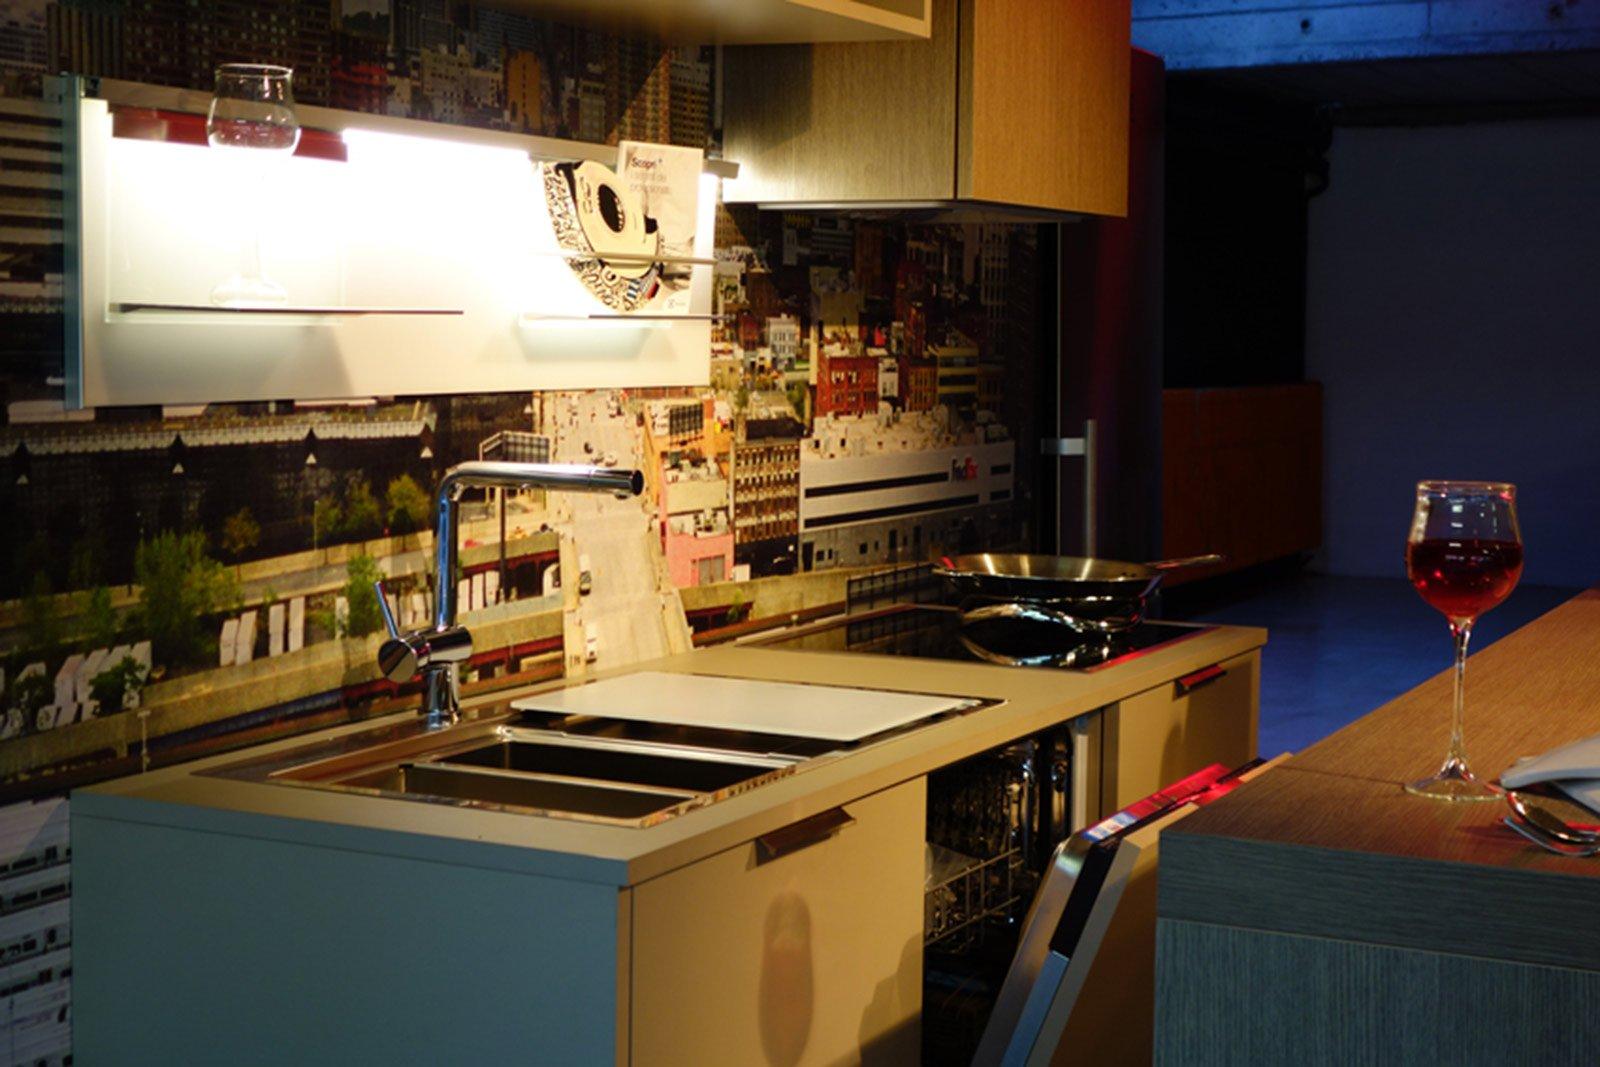 Funzionalit in cucina con le attrezzature giuste cose di casa - Cucina scic prezzi ...